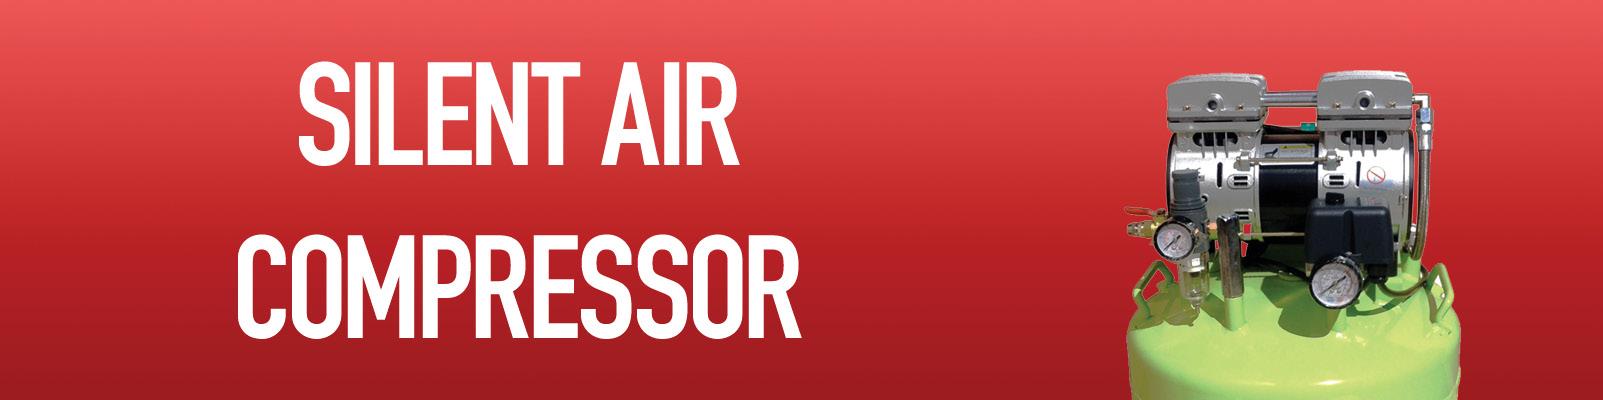 Silent Air Compressor